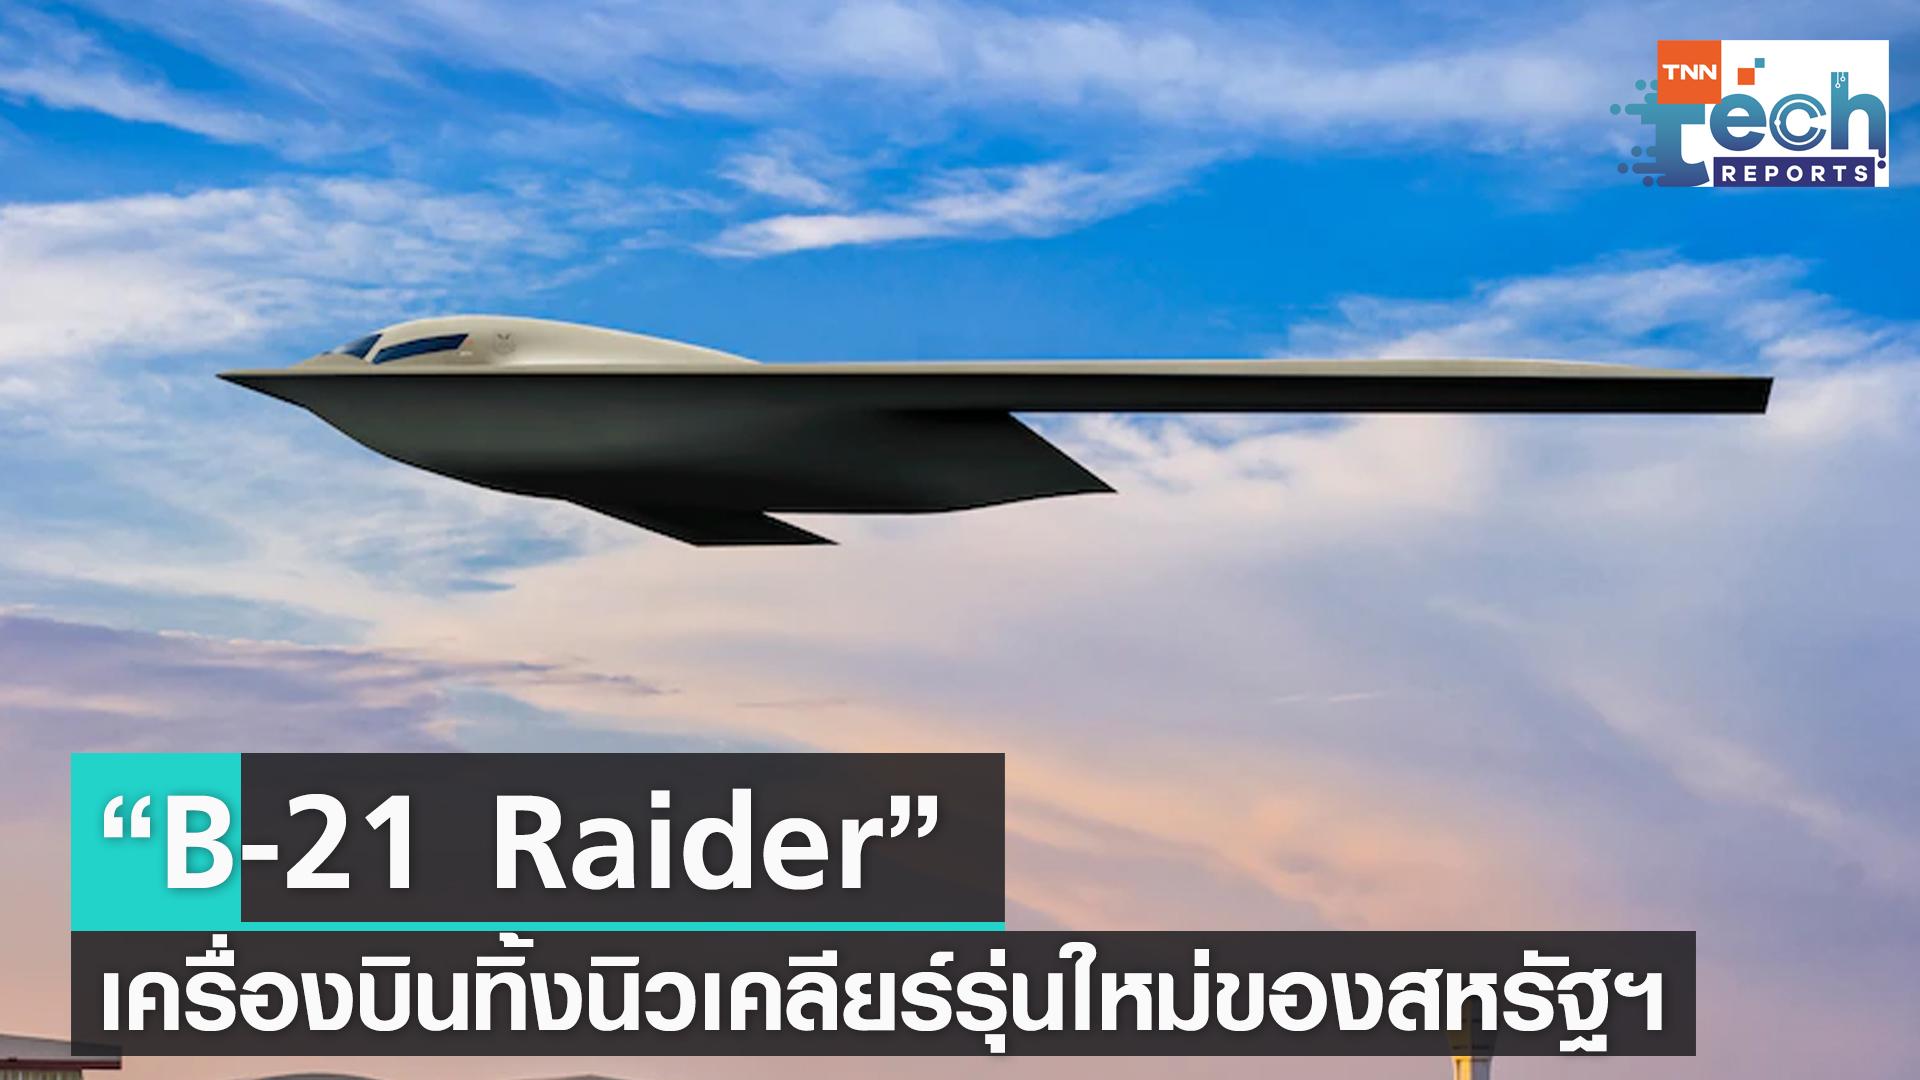 """กองทัพอากาศสหรัฐฯ ปล่อยภาพ """"เครื่องบินทิ้งระเบิดนิวเคลียร์ B-21 Raider"""""""